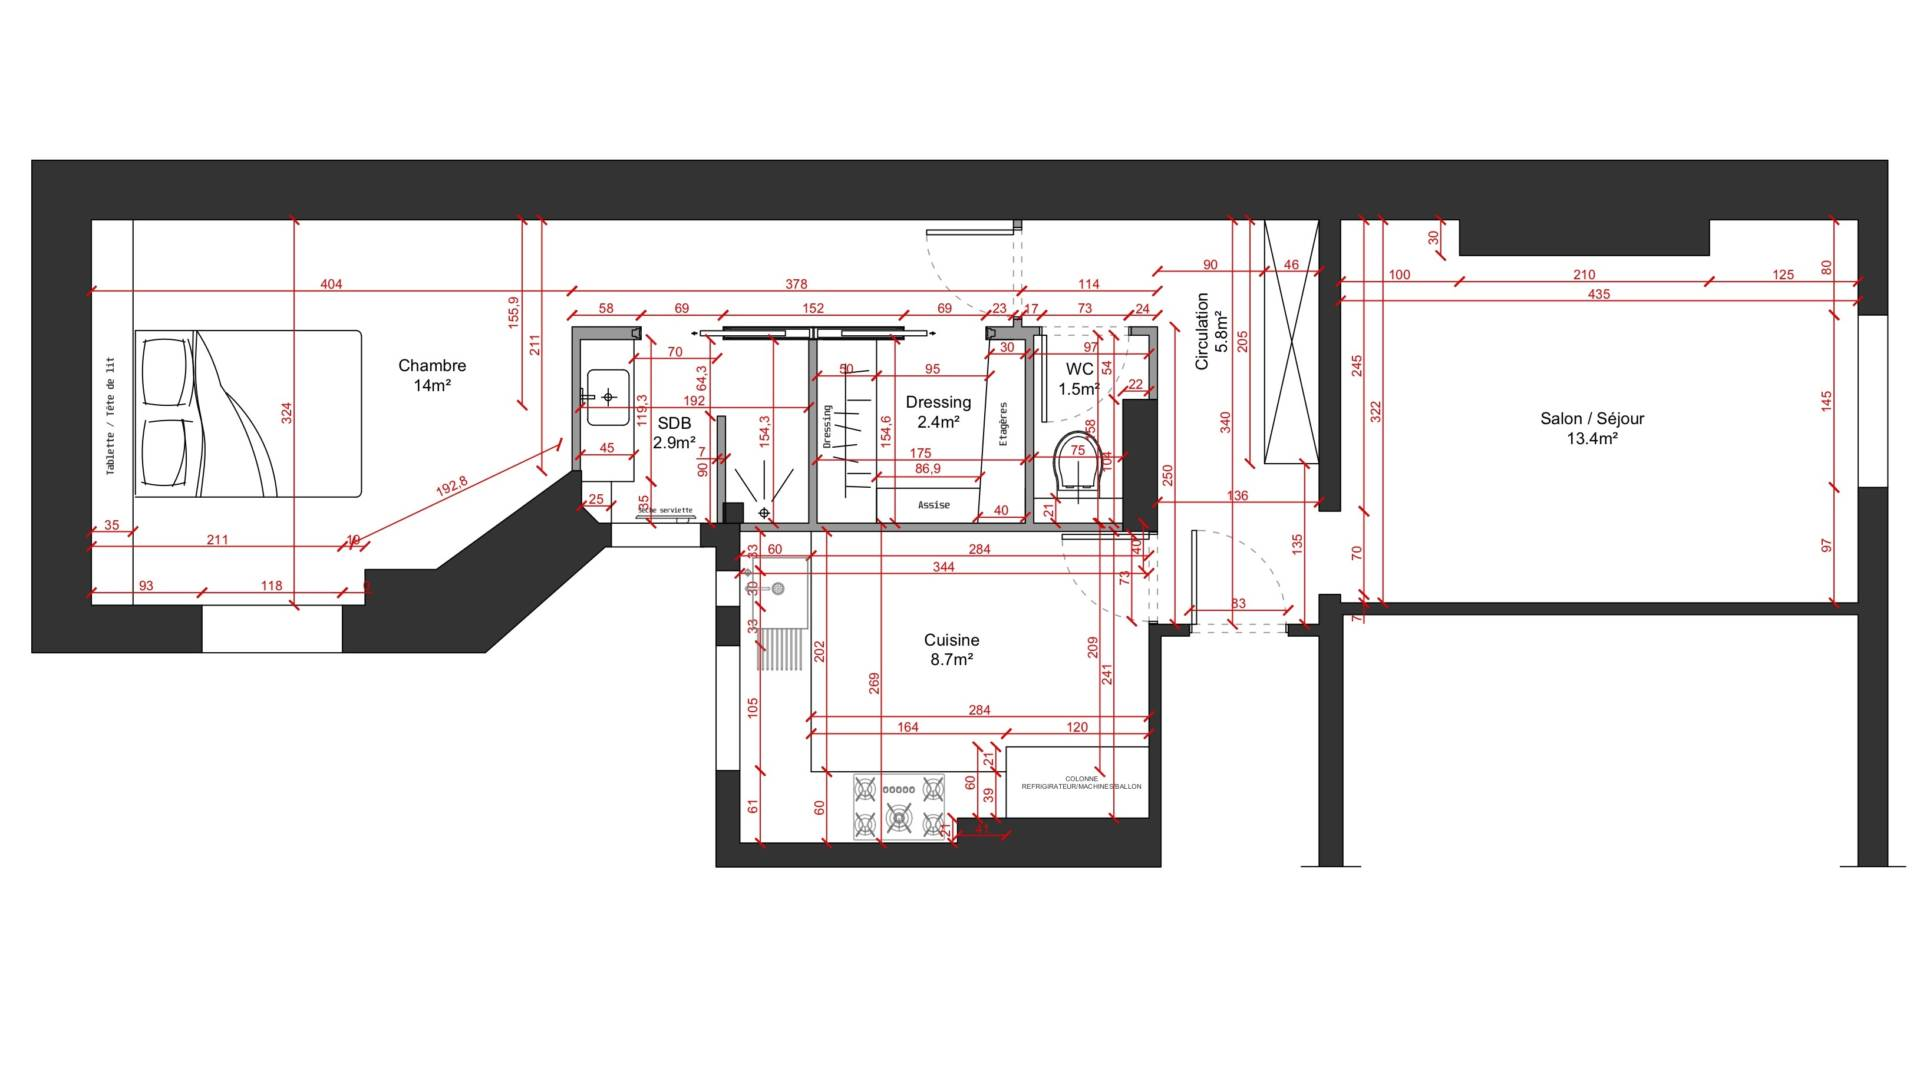 Rénovation appartement à Courbevoie - Plans 2D, par Béatrice Elisabeth, Décoratrice UFDI à Neuilly et Paris